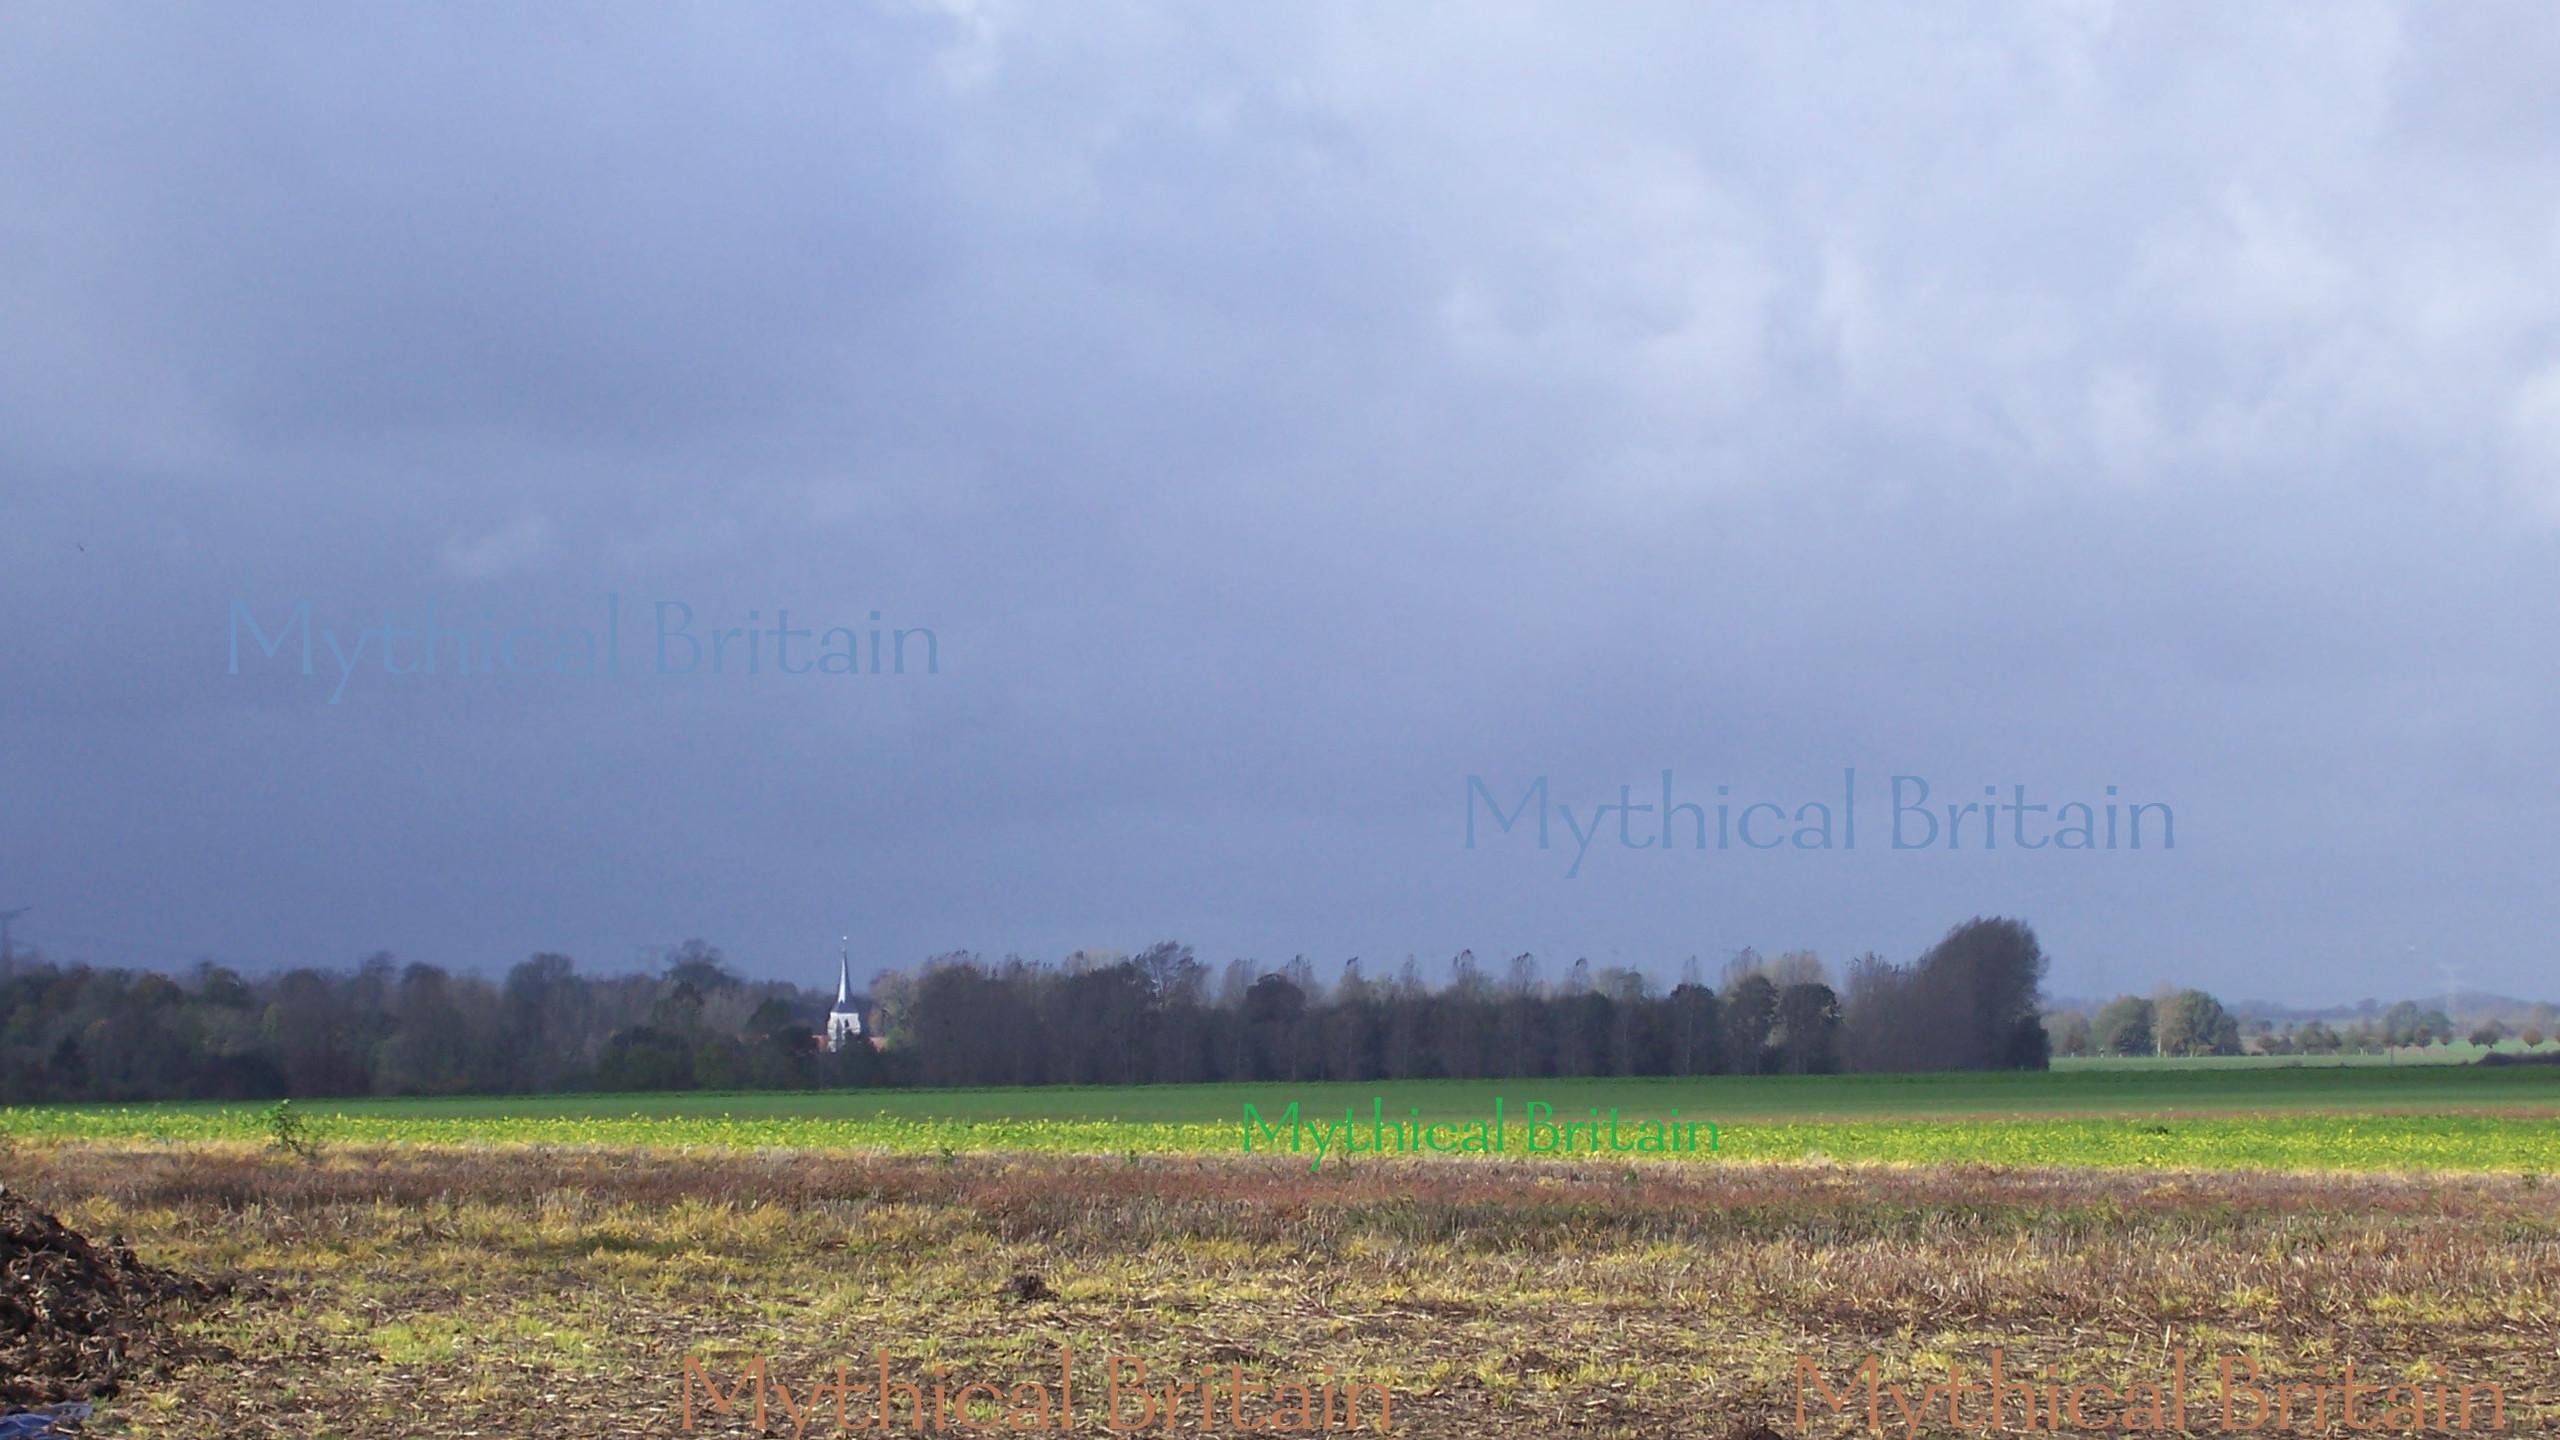 The battlefield of Agincourt, as it is t